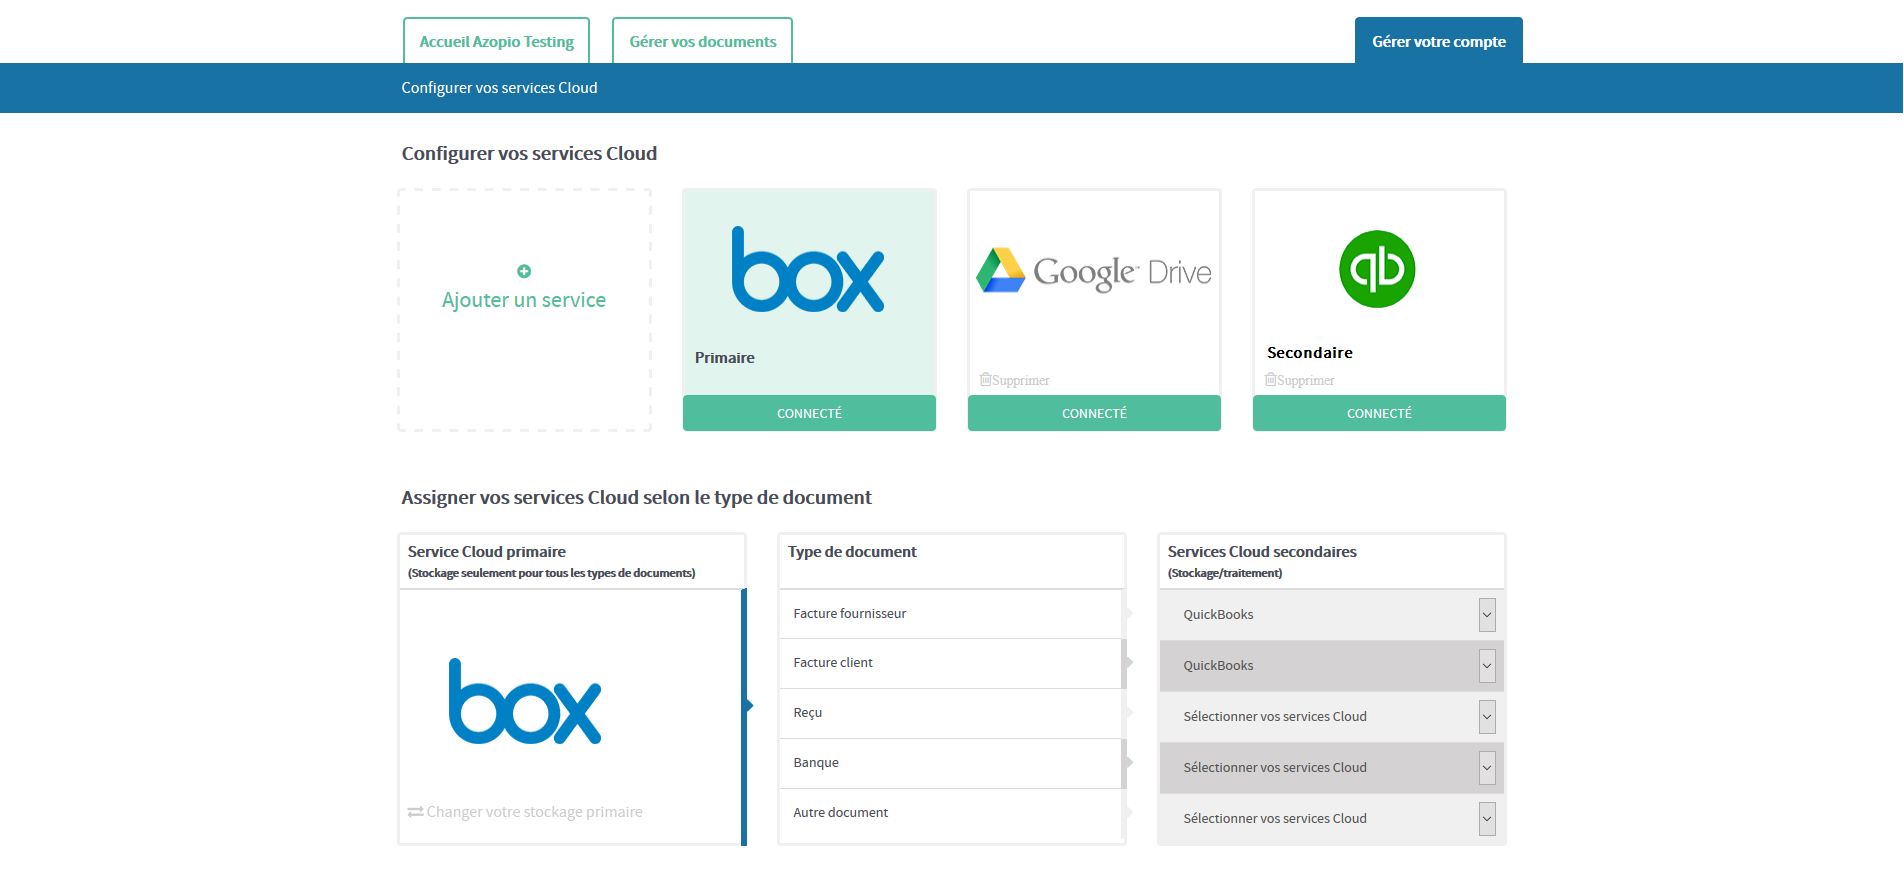 L'utilisateur peut configurer ses services de stockage Cloud (tels que Dropbox, Google Drive, Box et OneDrive) et ses logiciels de comptabilité en ligne (Quickbooks et Xero)